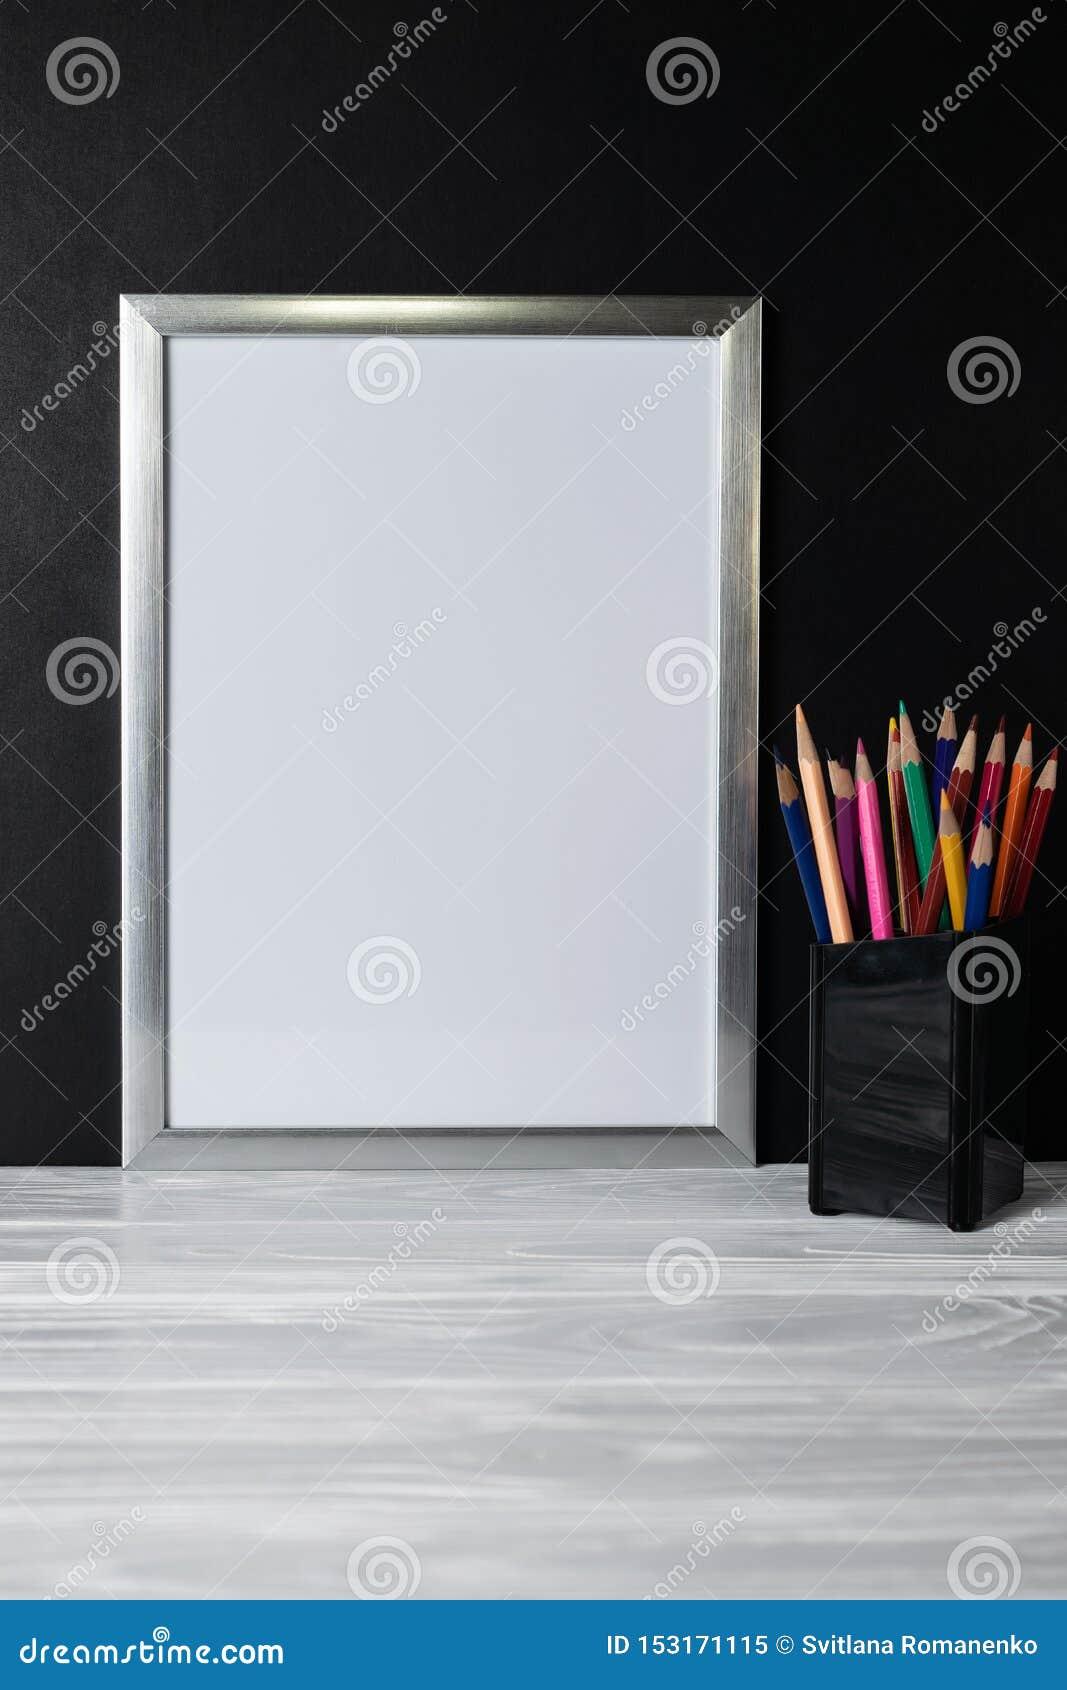 Spott herauf weißen Rahmen und farbige Bleistifte auf hölzernem Regal und Tafel